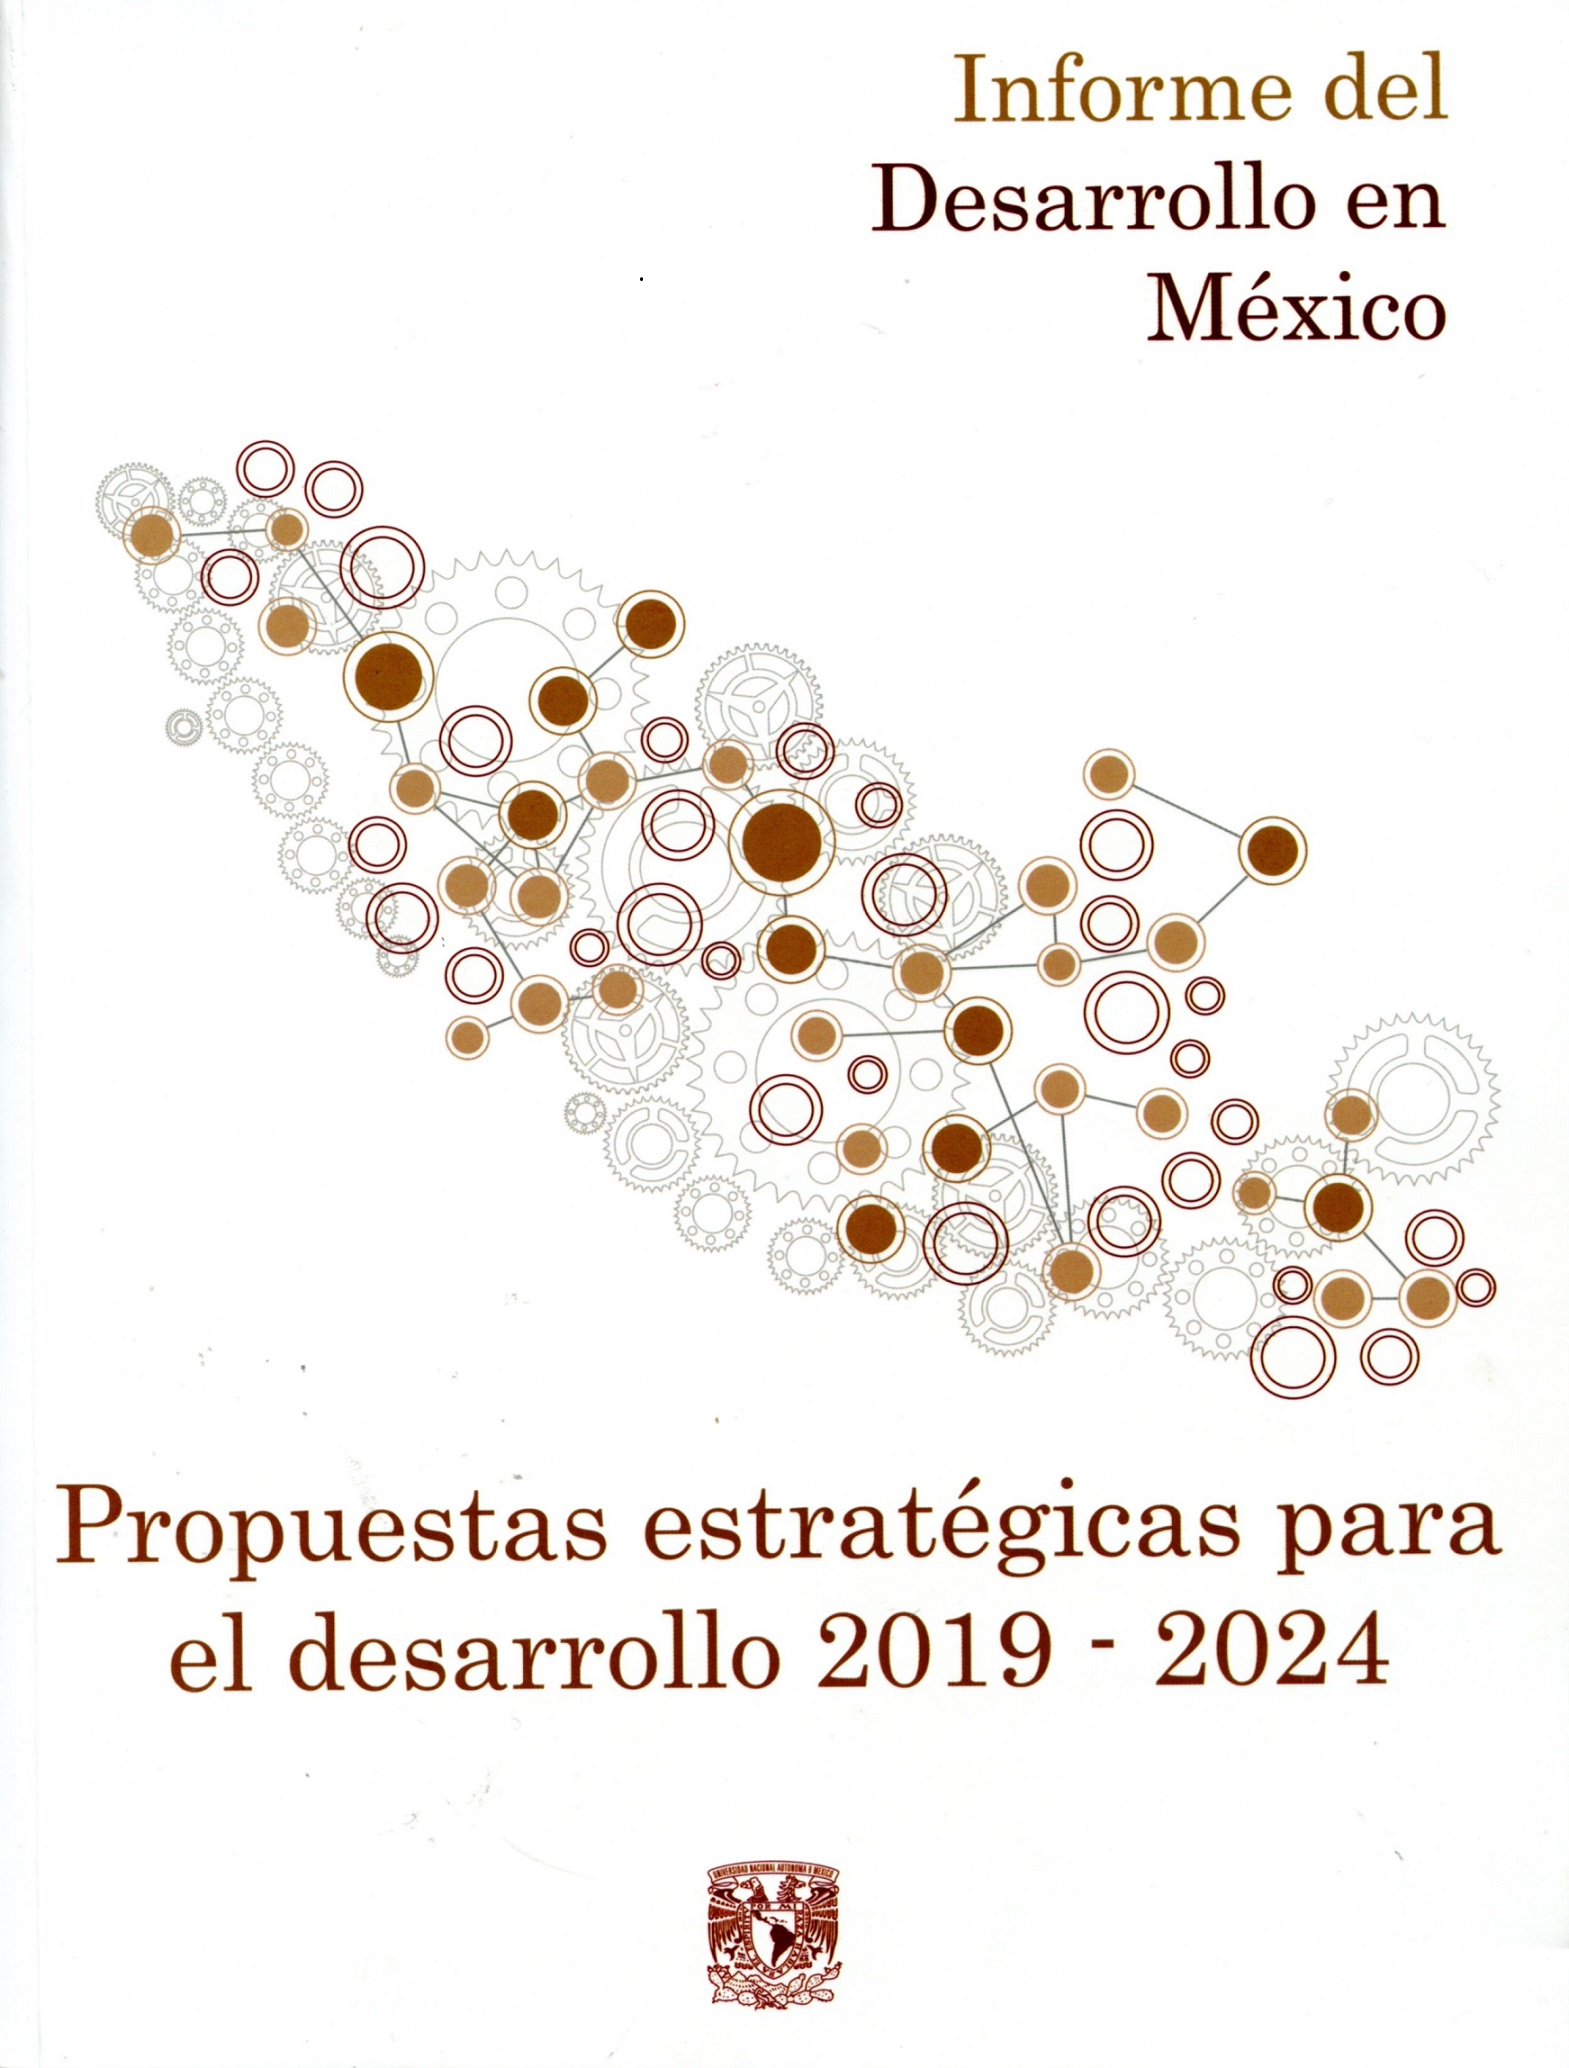 Propuestas estratégicas para el desarrollo 2019-2024